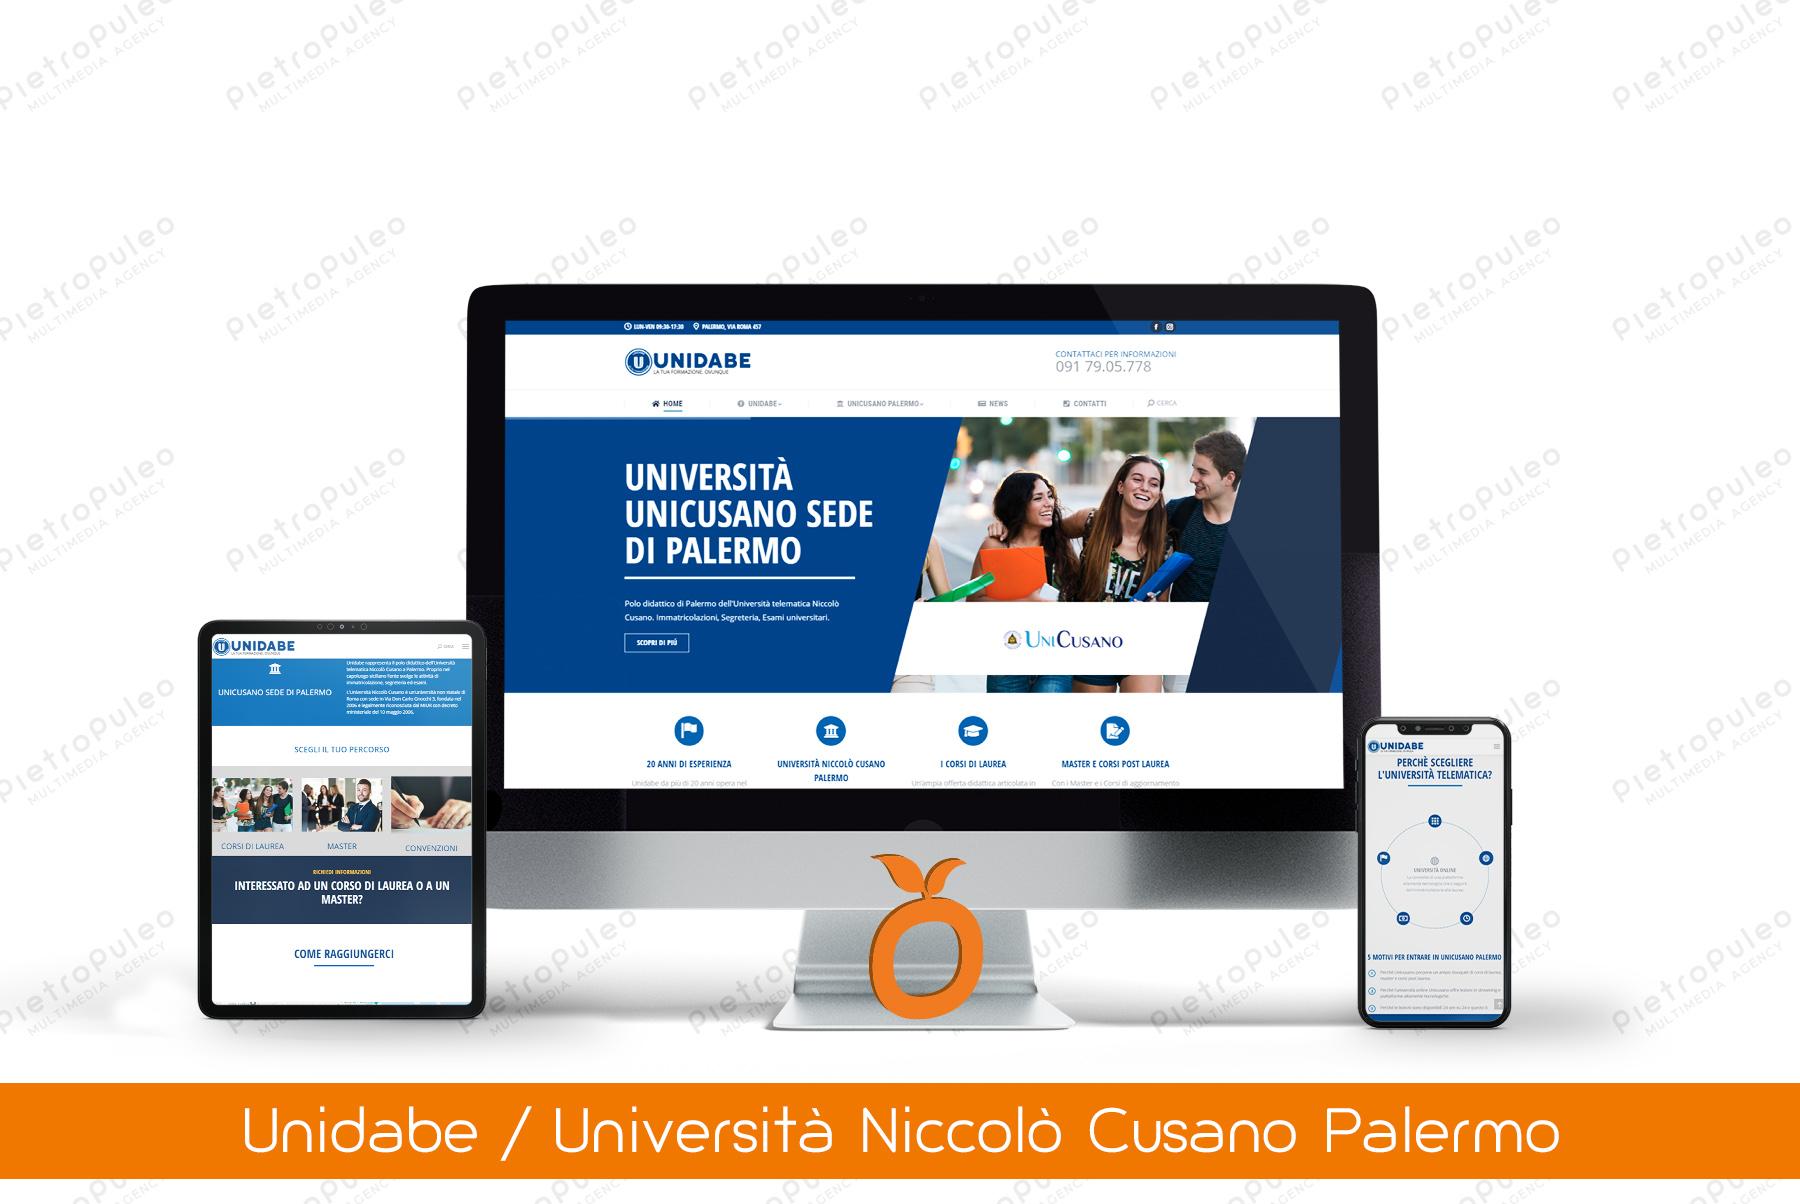 Unidabe ente di formazione sede dell'Università Niccolò Cusano di Palermo